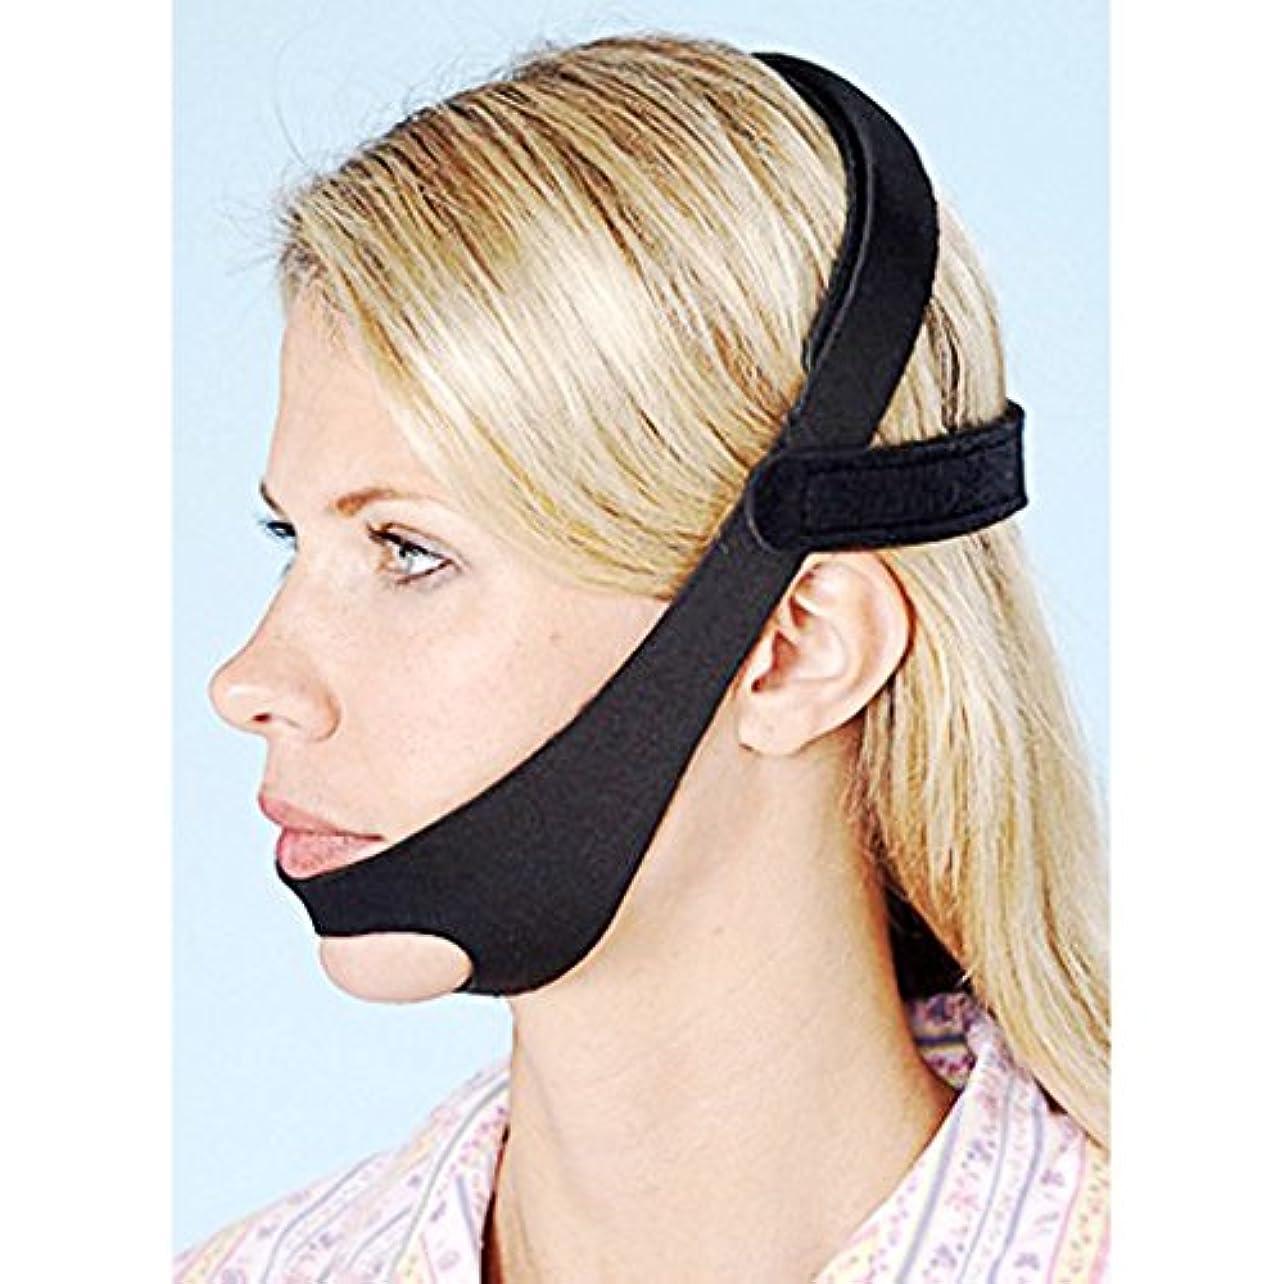 ダイジェストアーティスト散歩DH 2018新しくいびき予防 調整可能なアンチSnoringチンストラップは、男性と女性のためにいびきのいびきSnore Relief Jaw Support Stop Snoring Solution DAHAN